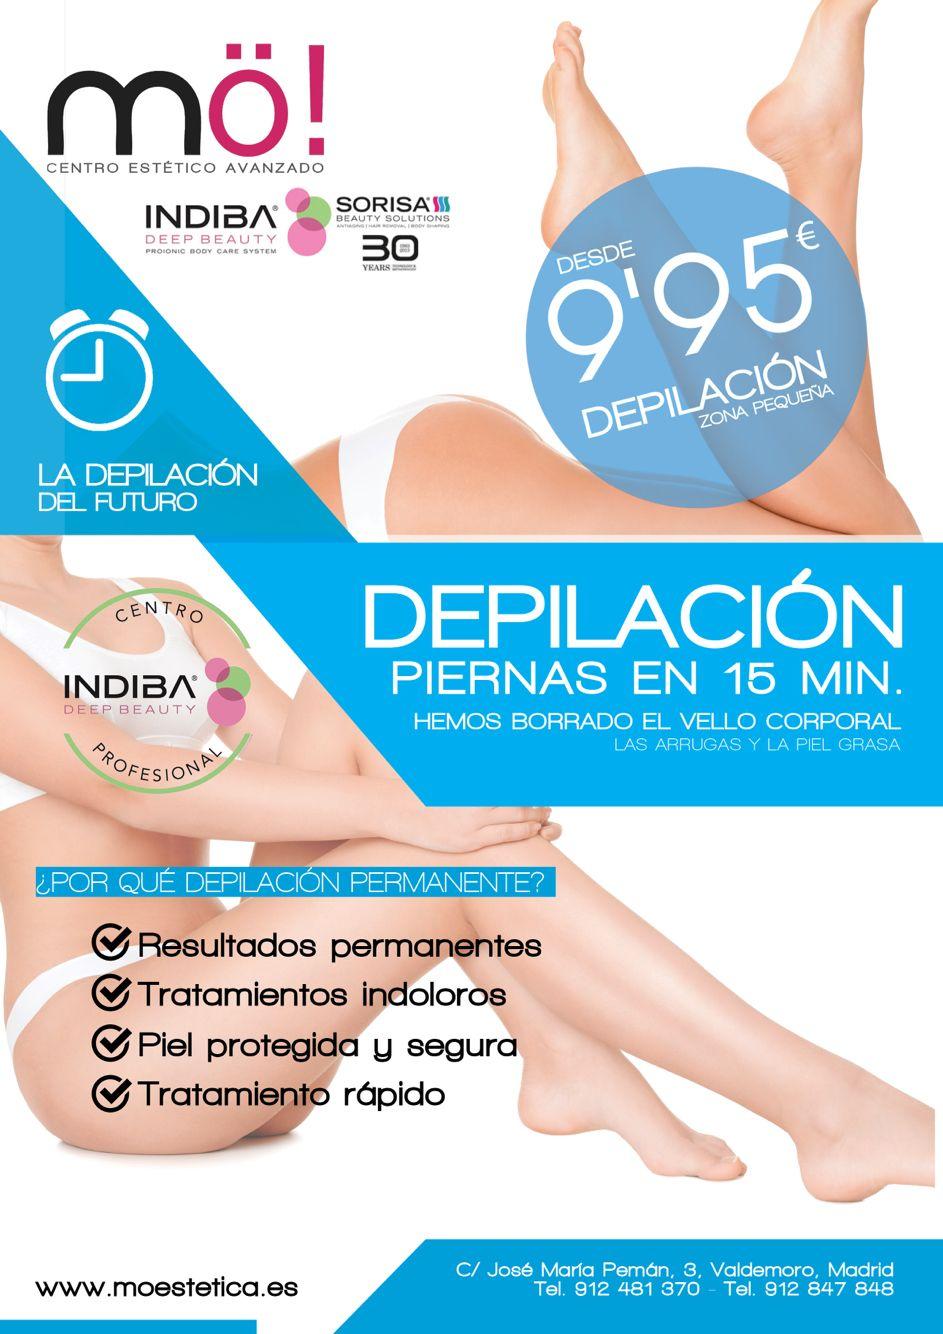 Depilacion Laser En Tu Nuevo Yo Estetica Y Belleza De Manos Y Pies Fotodepilacion Depilacion Estetica